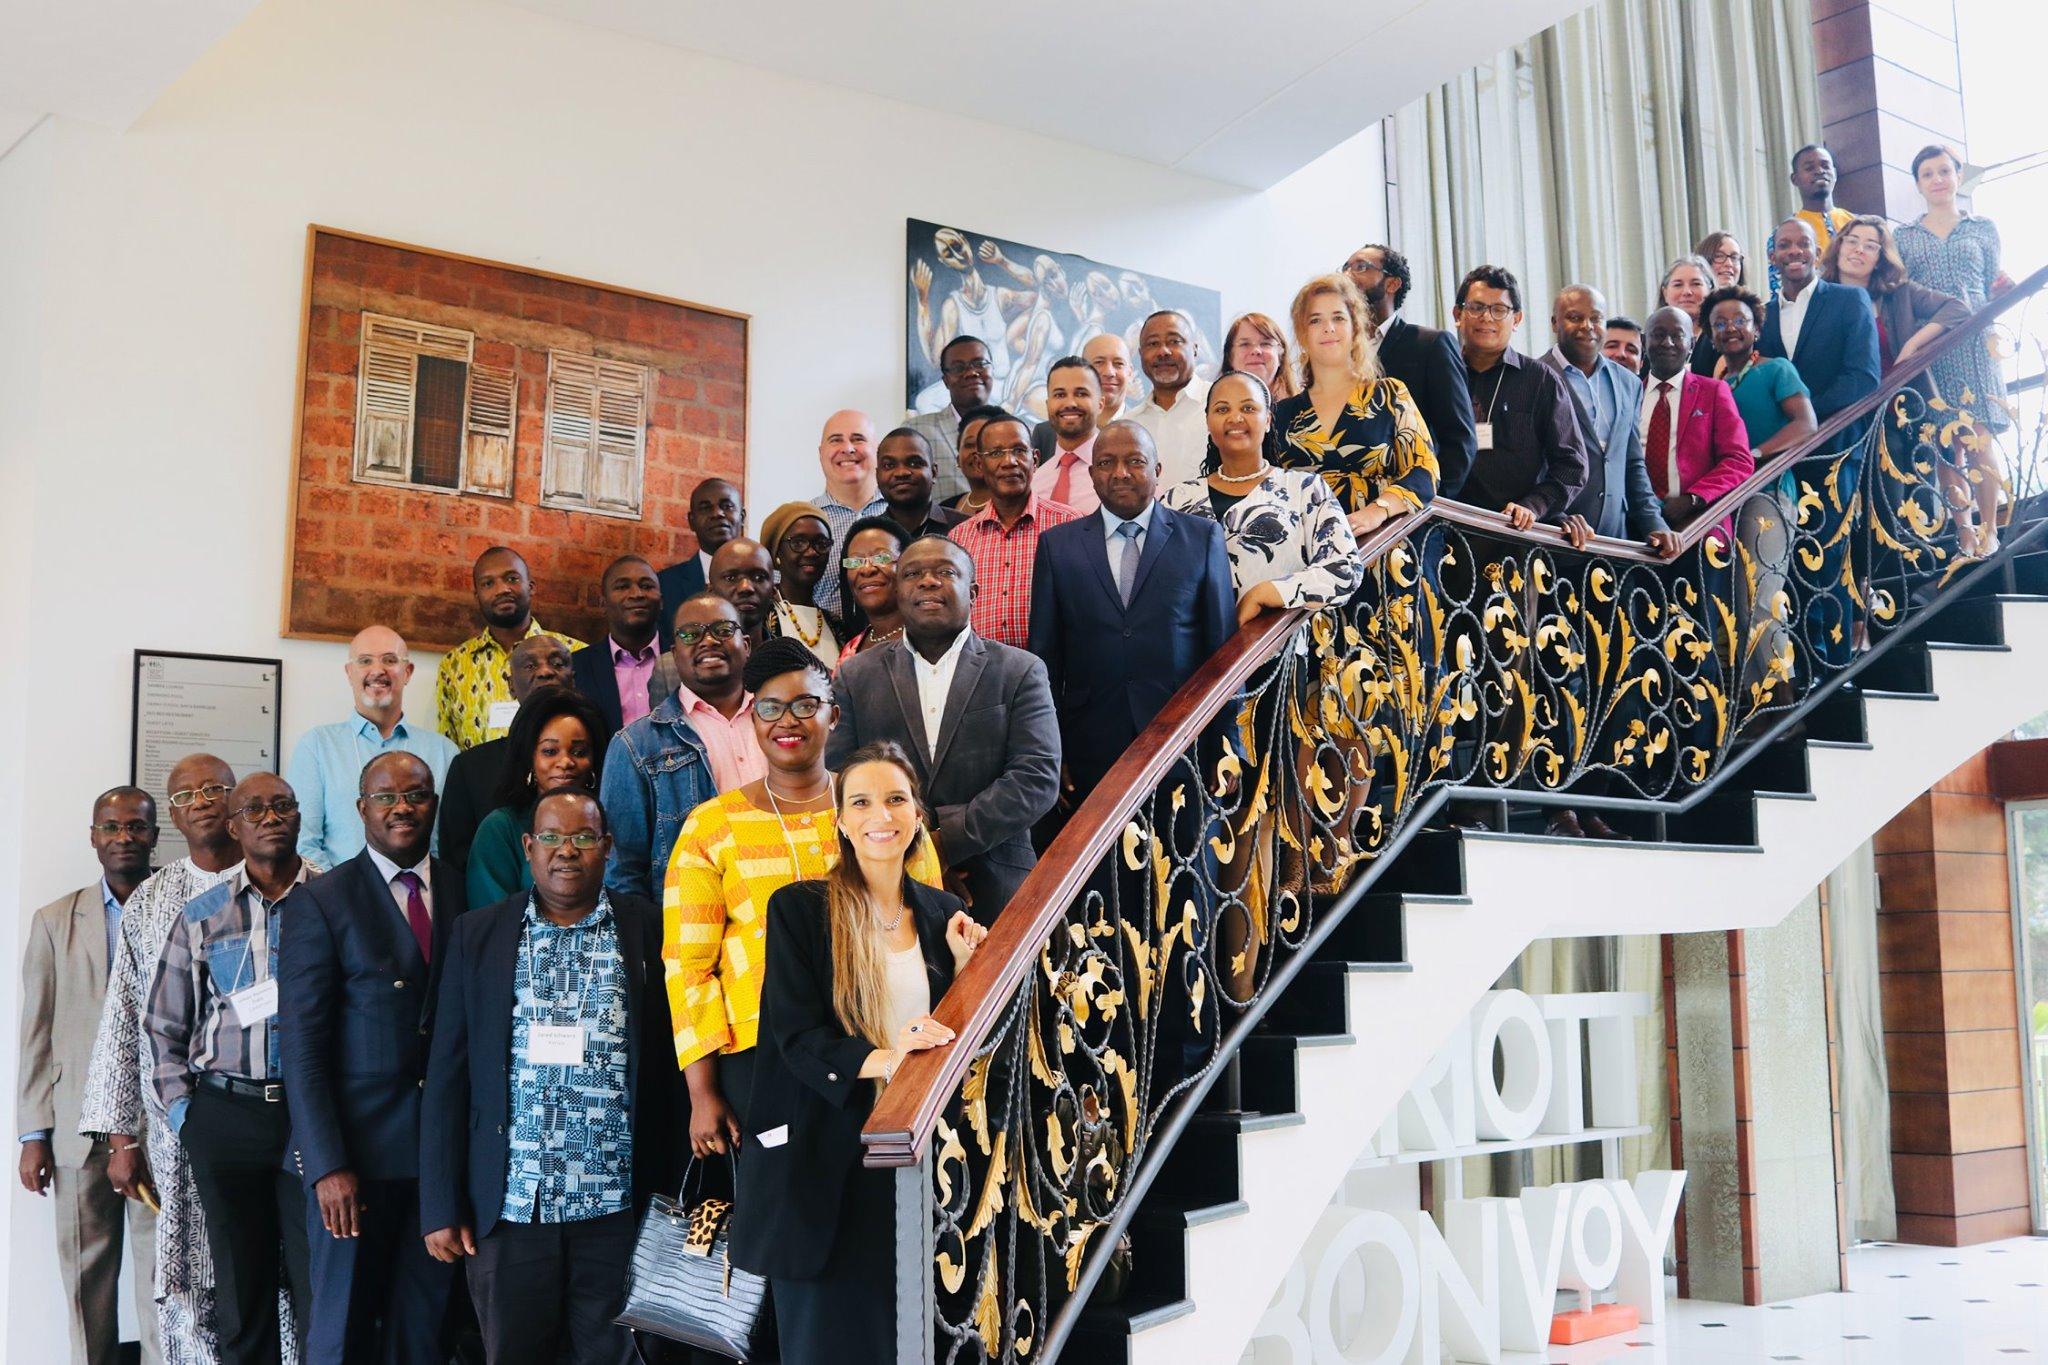 Oficina de planejamento para desenvolver uma abordagem harmonizada de fortalecimento da capacidade de avaliação para o CLEAR na África - 01